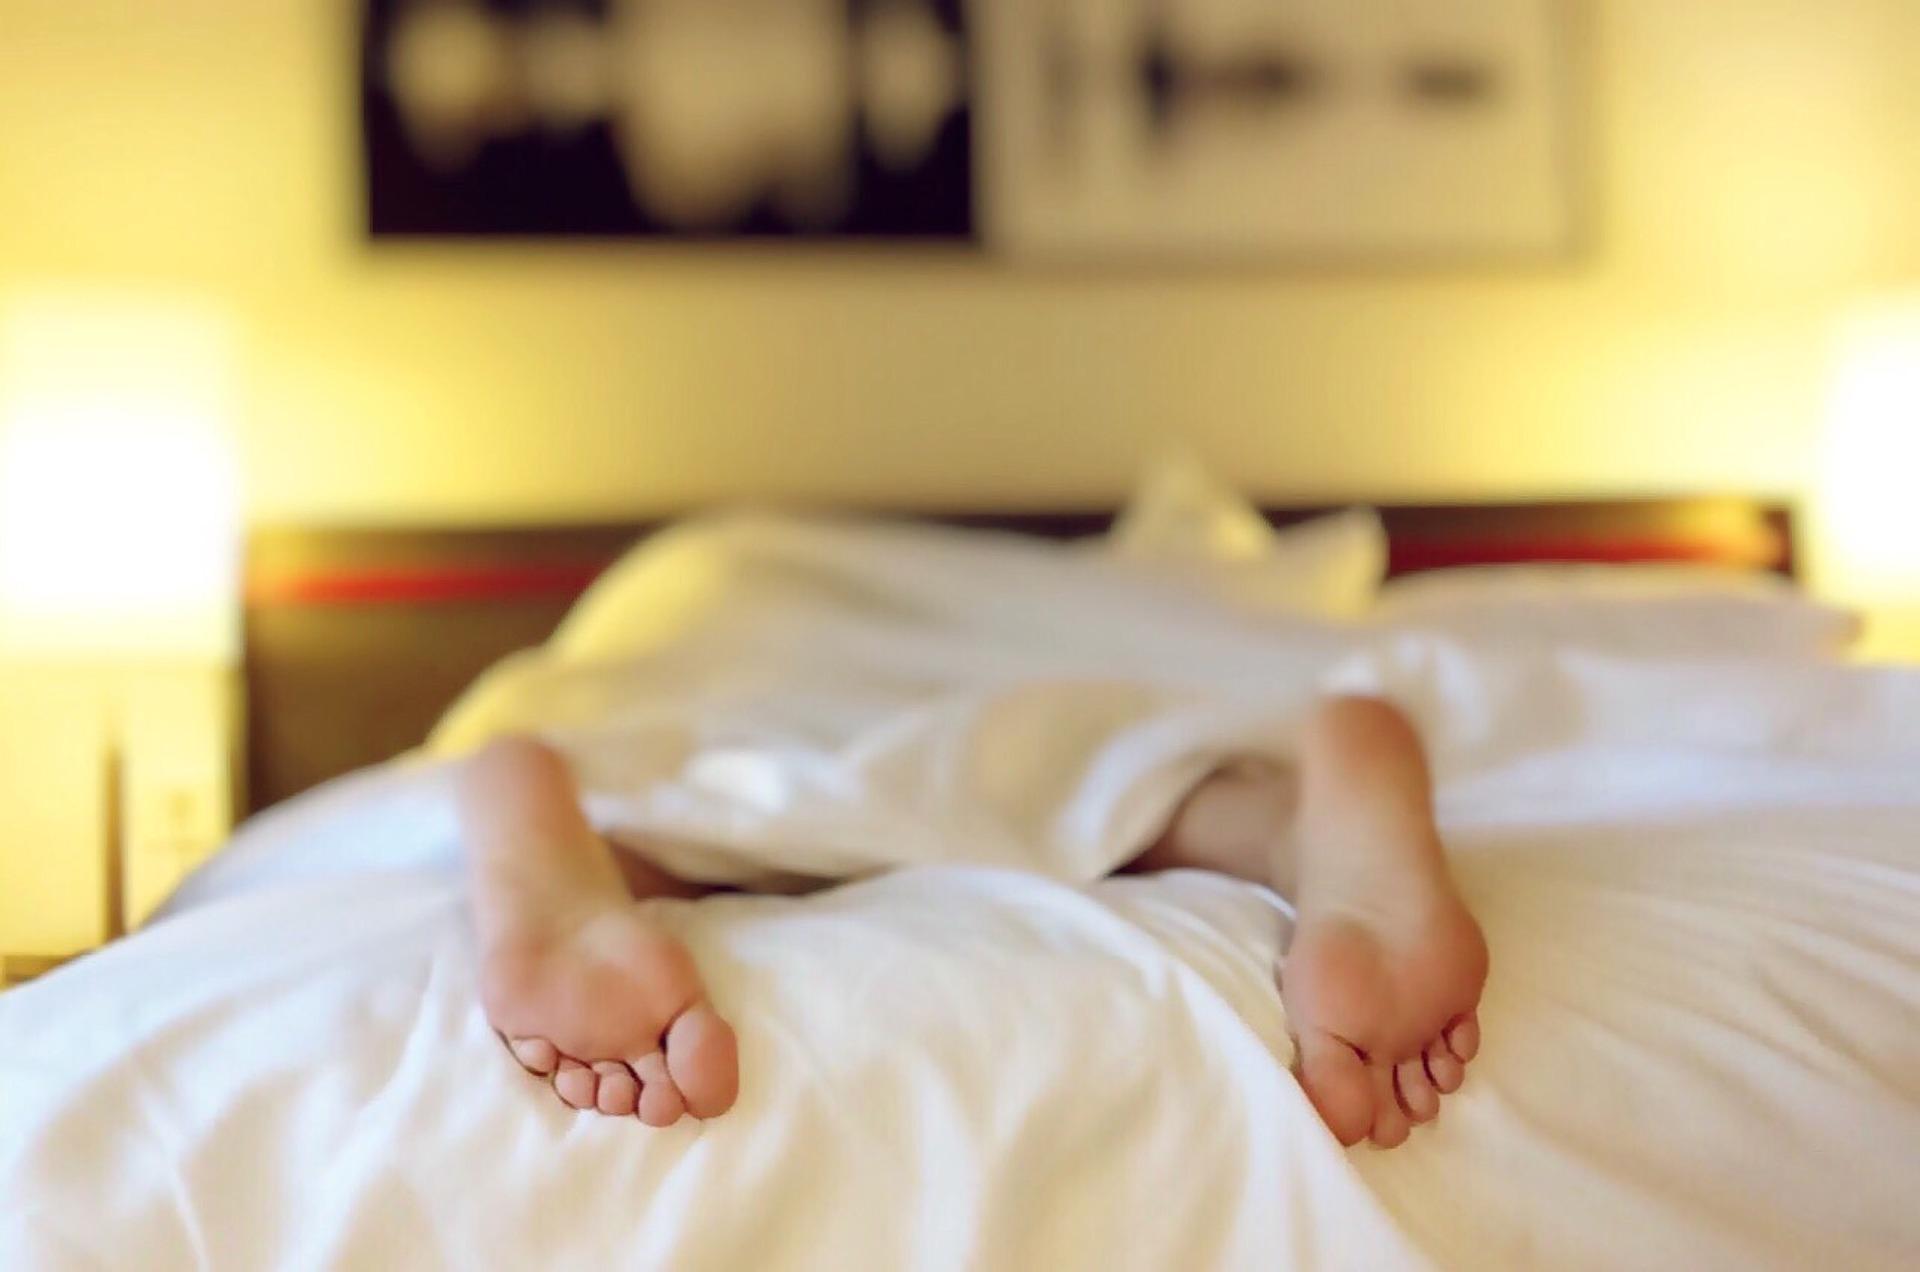 Los adultos duermen entre siete y nueve horas